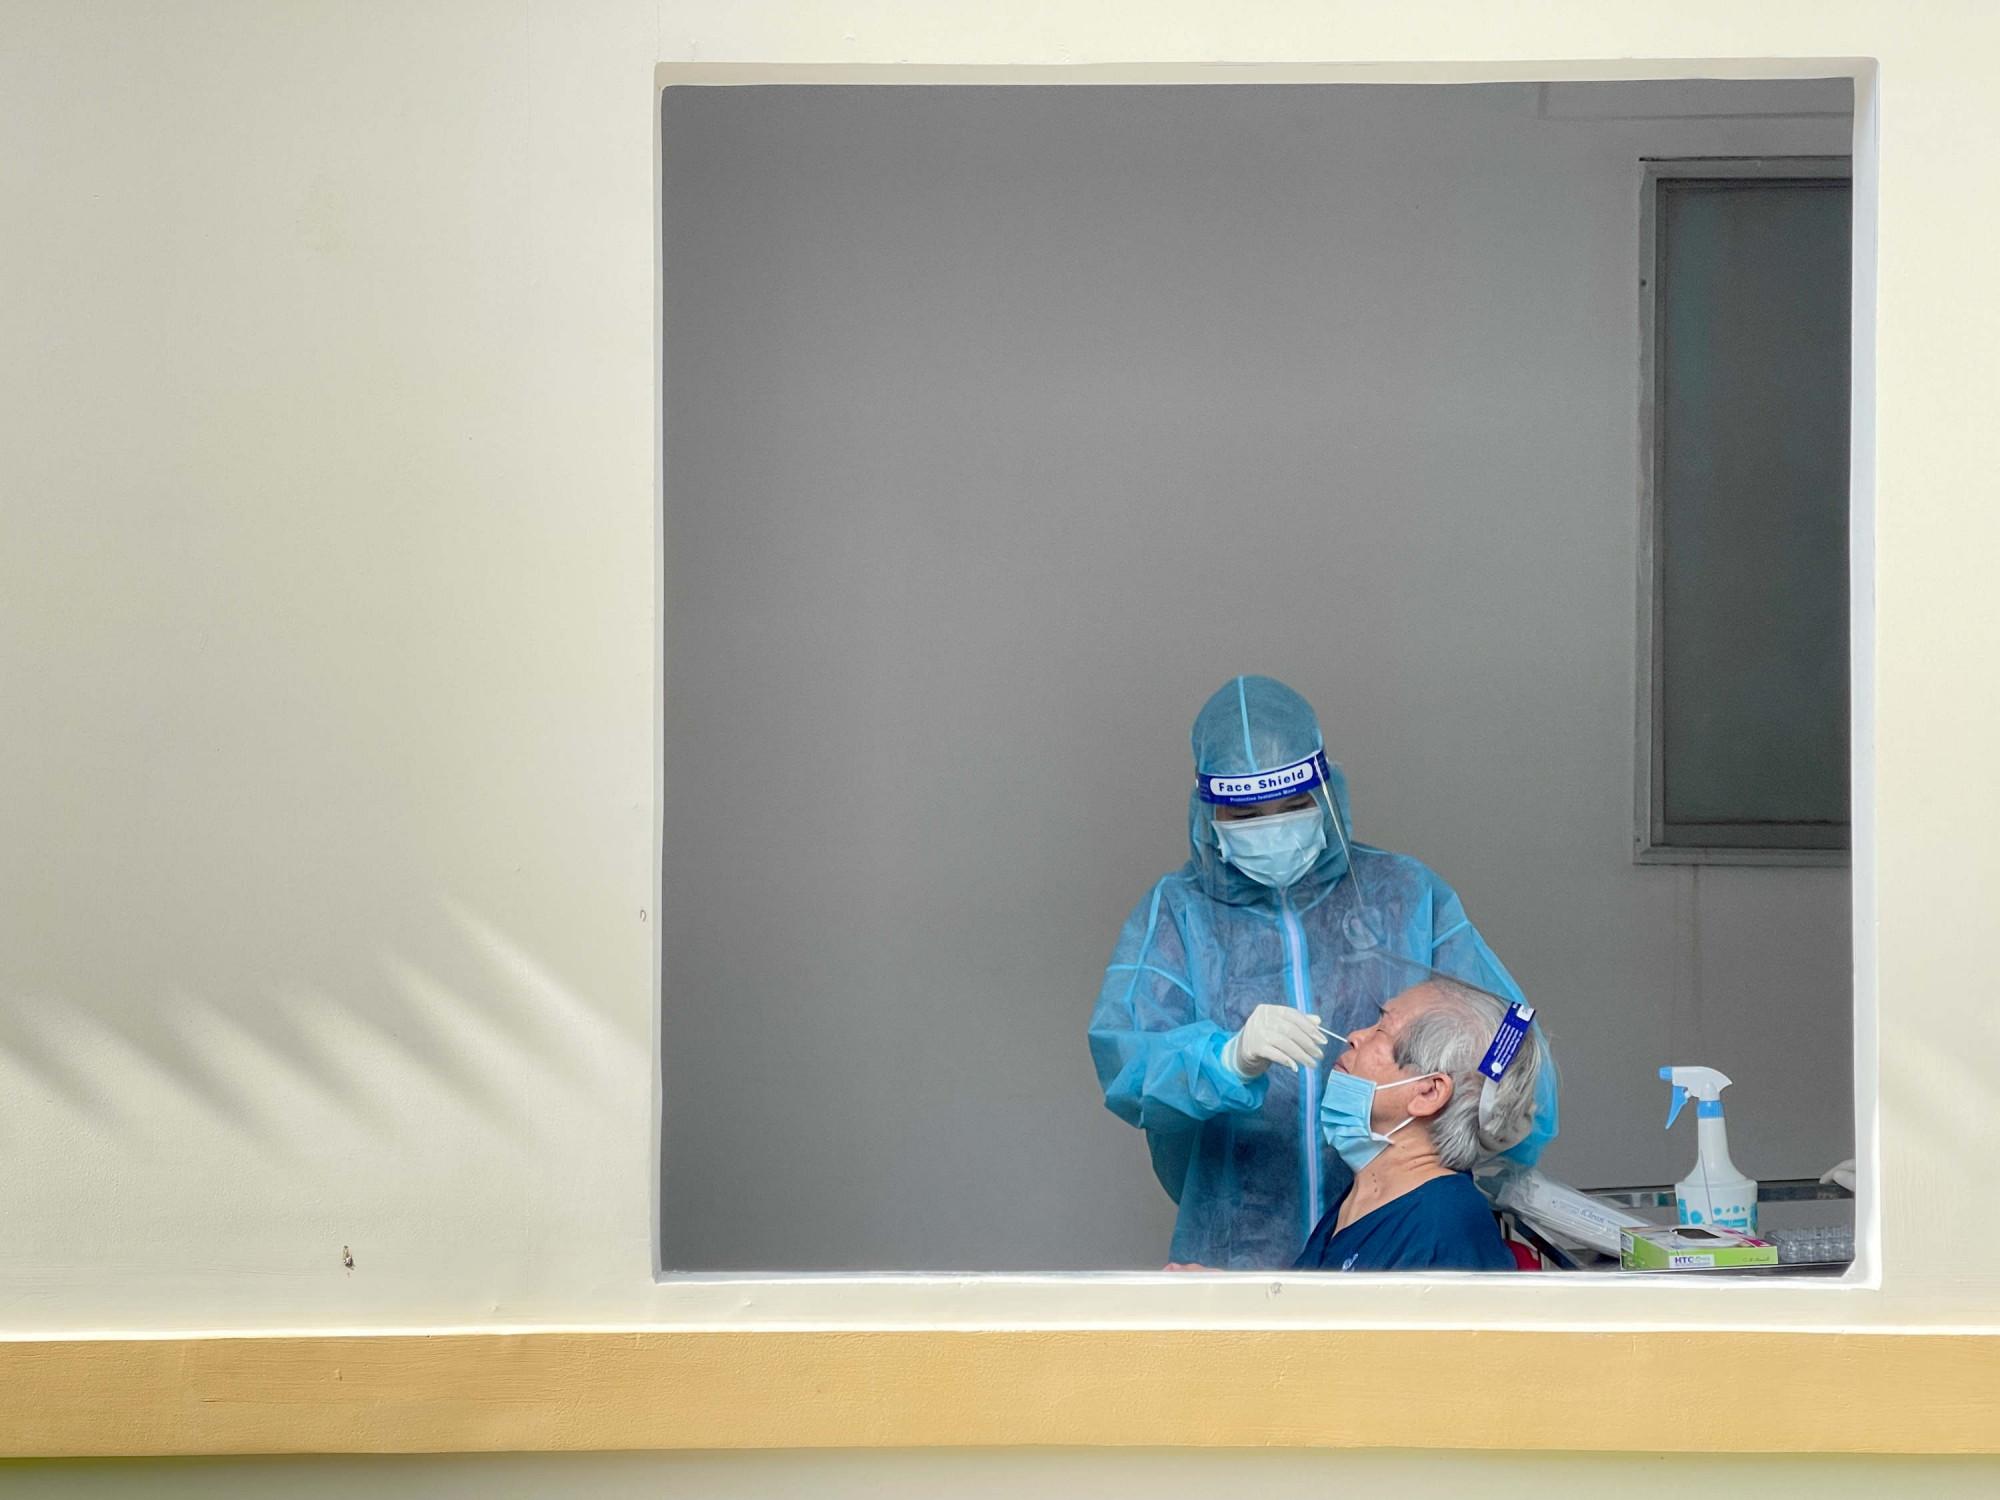 Đến nơi tiêm chủng, các bậc sinh thành được test nhanh virus SARS-CoV-2, thăm khám kỹ trước khi vào tiêm ngừa.